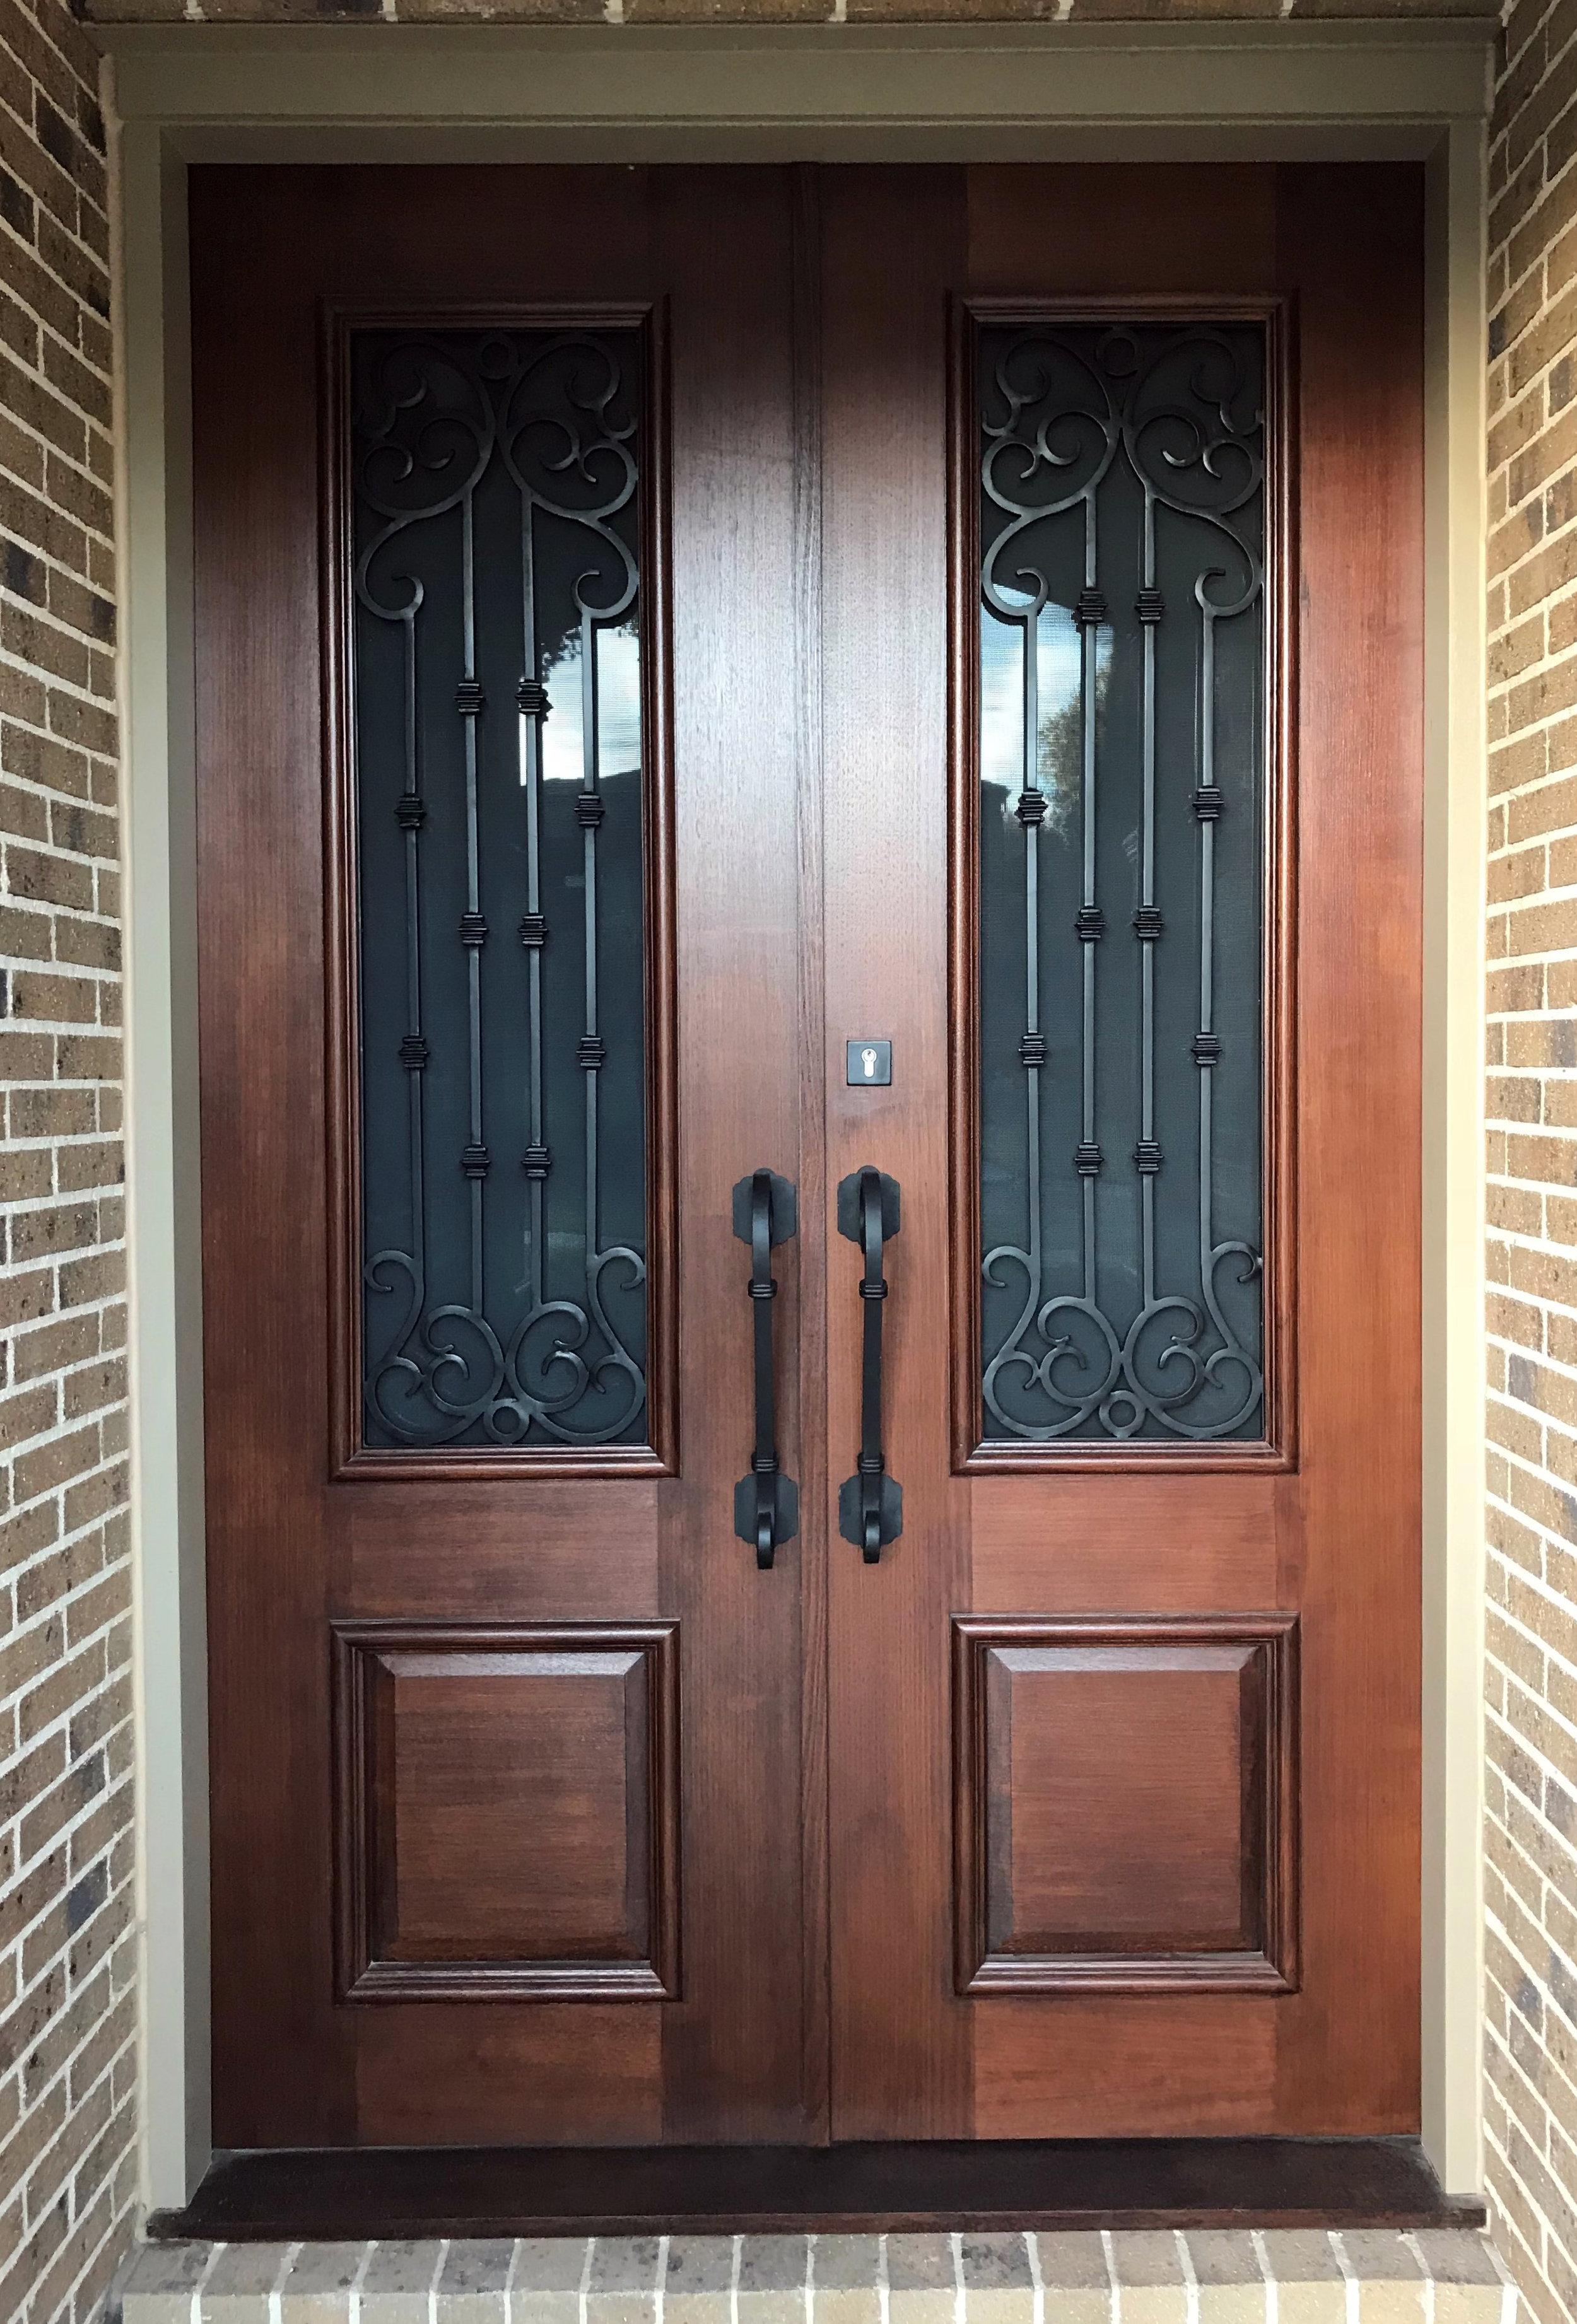 Picture of wooden door with Adoore Iron Designs Custom wrought iron door handle.